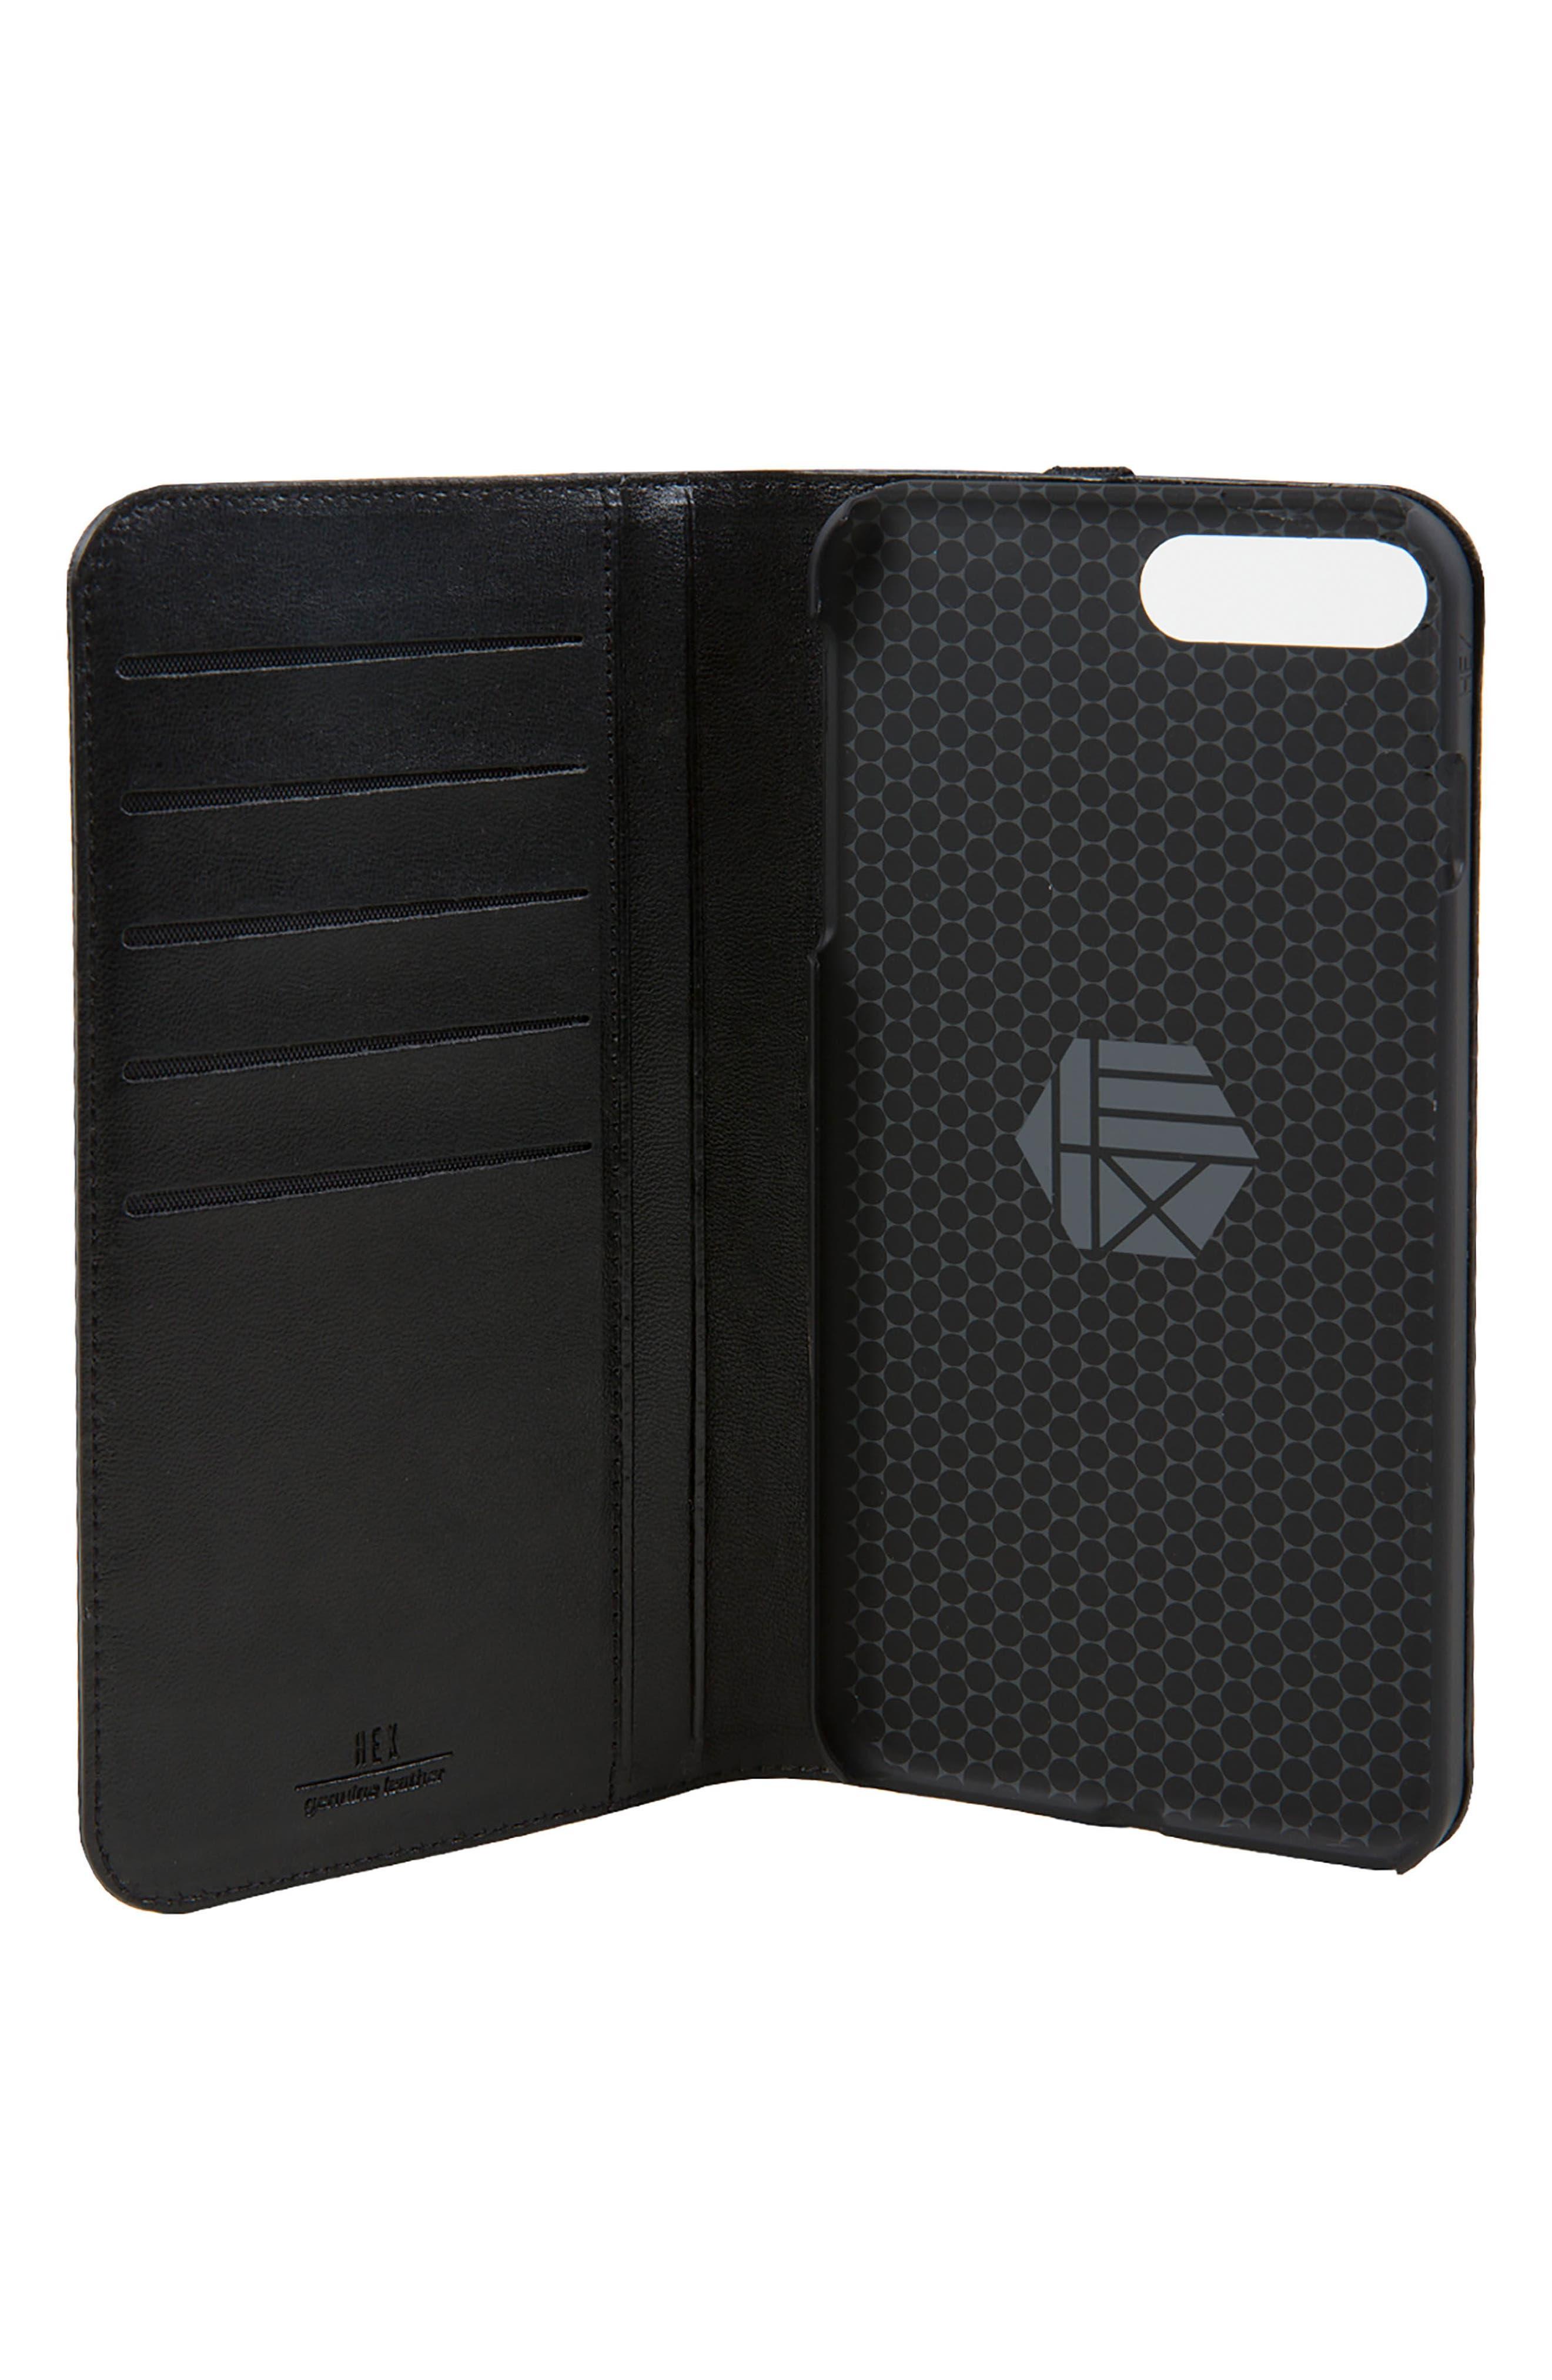 Icon iPhone 6/6s/7/8 Plus Wallet Case,                             Alternate thumbnail 4, color,                             BLACK